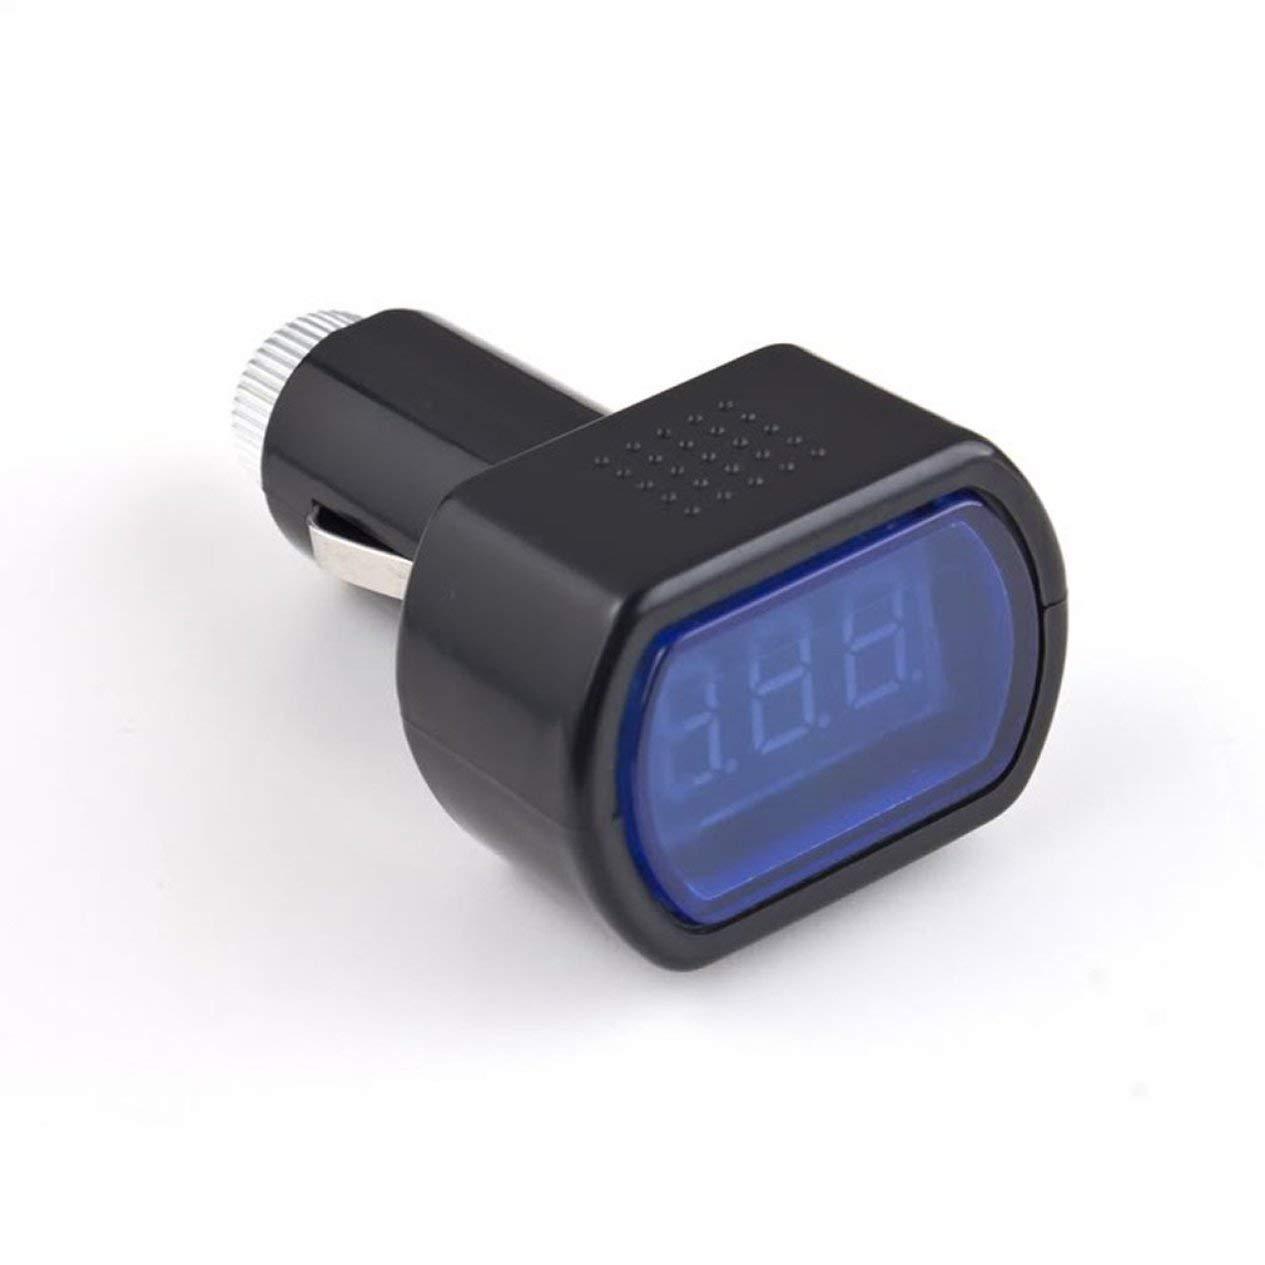 Colore: Nero per Auto e Veicoli Misuratore di Tensione Elettrico Universale con Display Digitale a LED EdBerk74 voltmetro